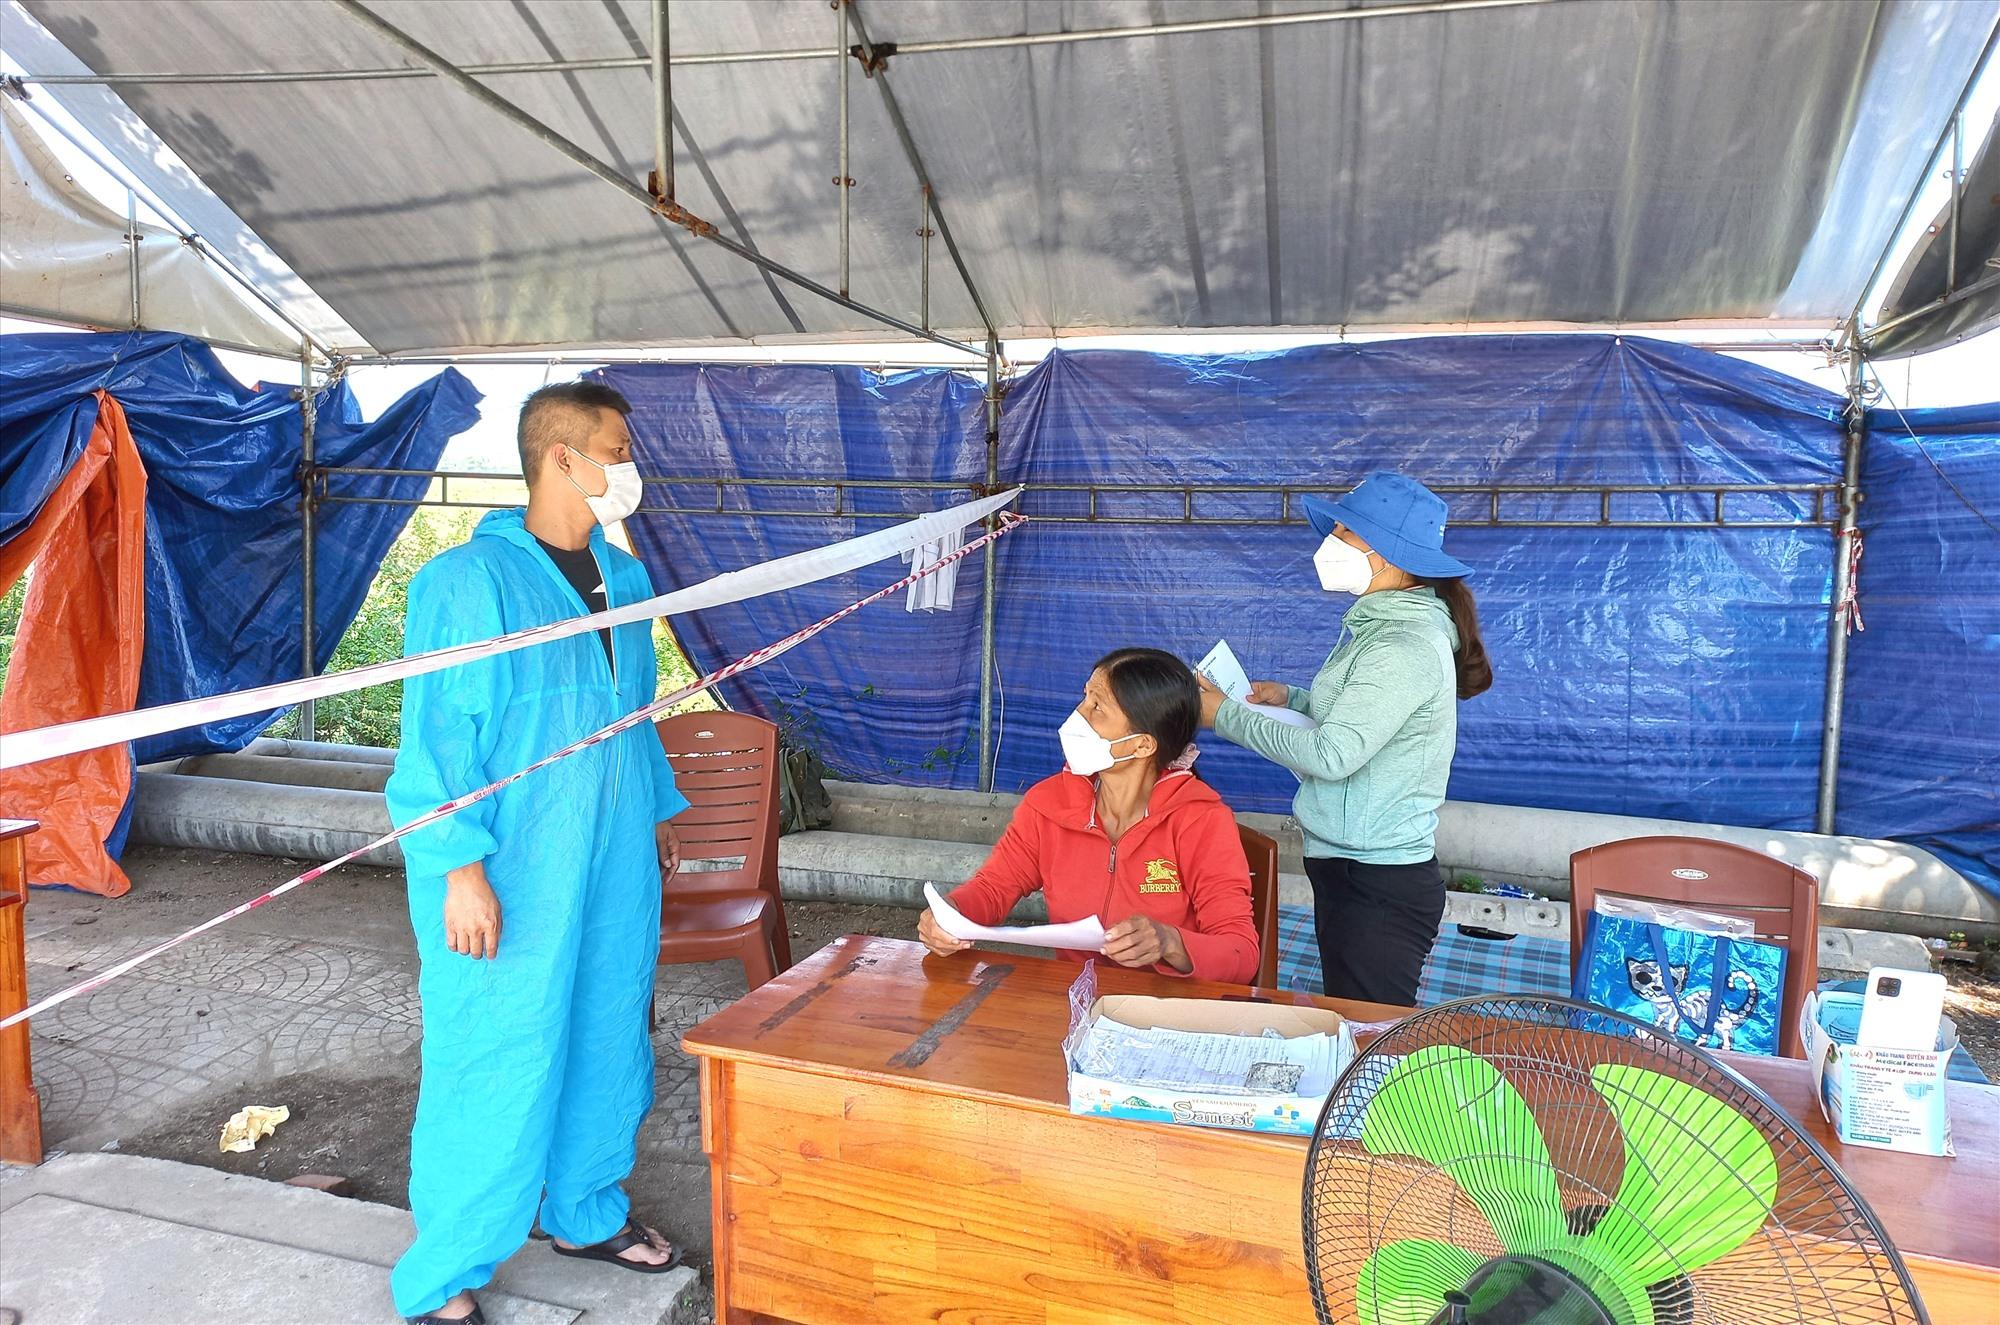 Nhân viên chốt kiểm soát trên đường Hùng Vương (thị trấn Ái Nghĩa) kiểm tra lái xe từ Đà Nẵng vào trưa 1.10. Ảnh: CT